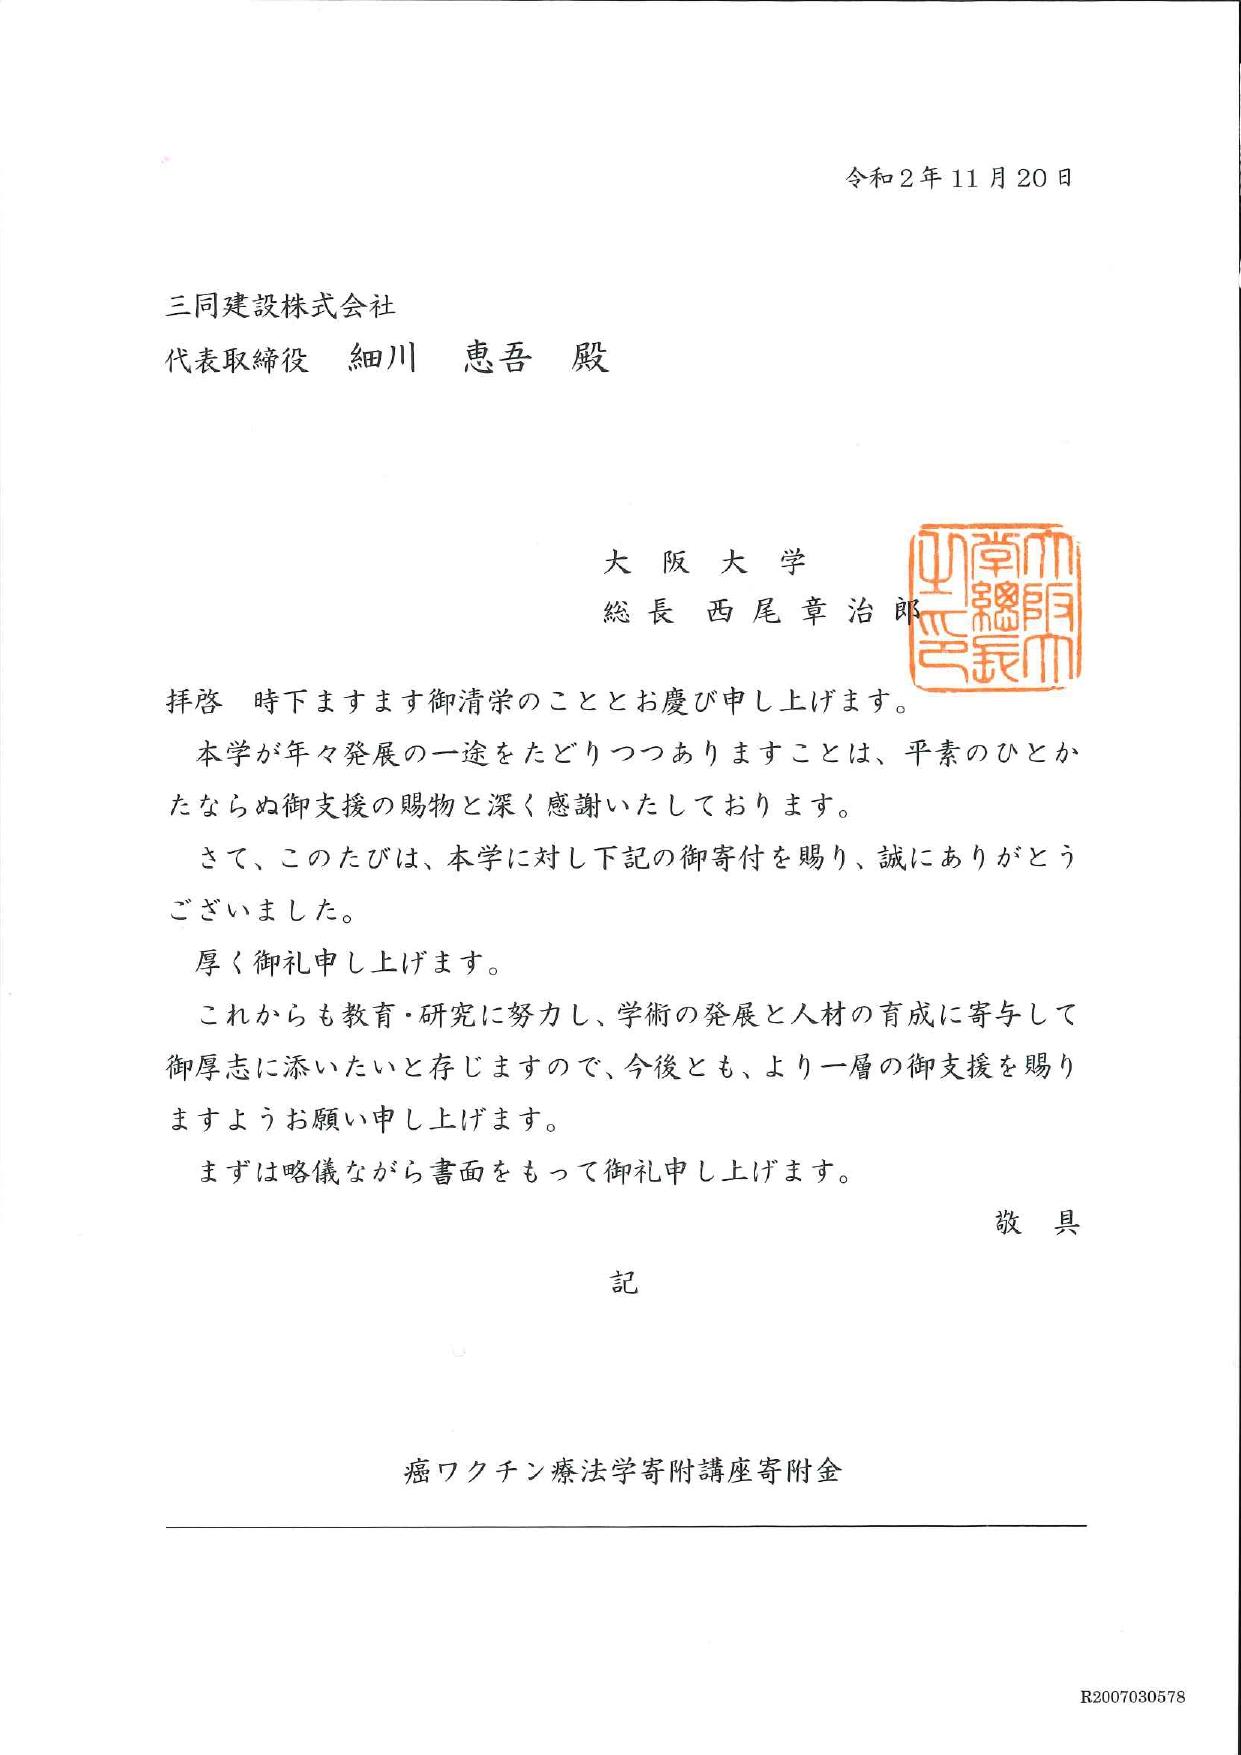 癌ワクチン_page-0001 (1)